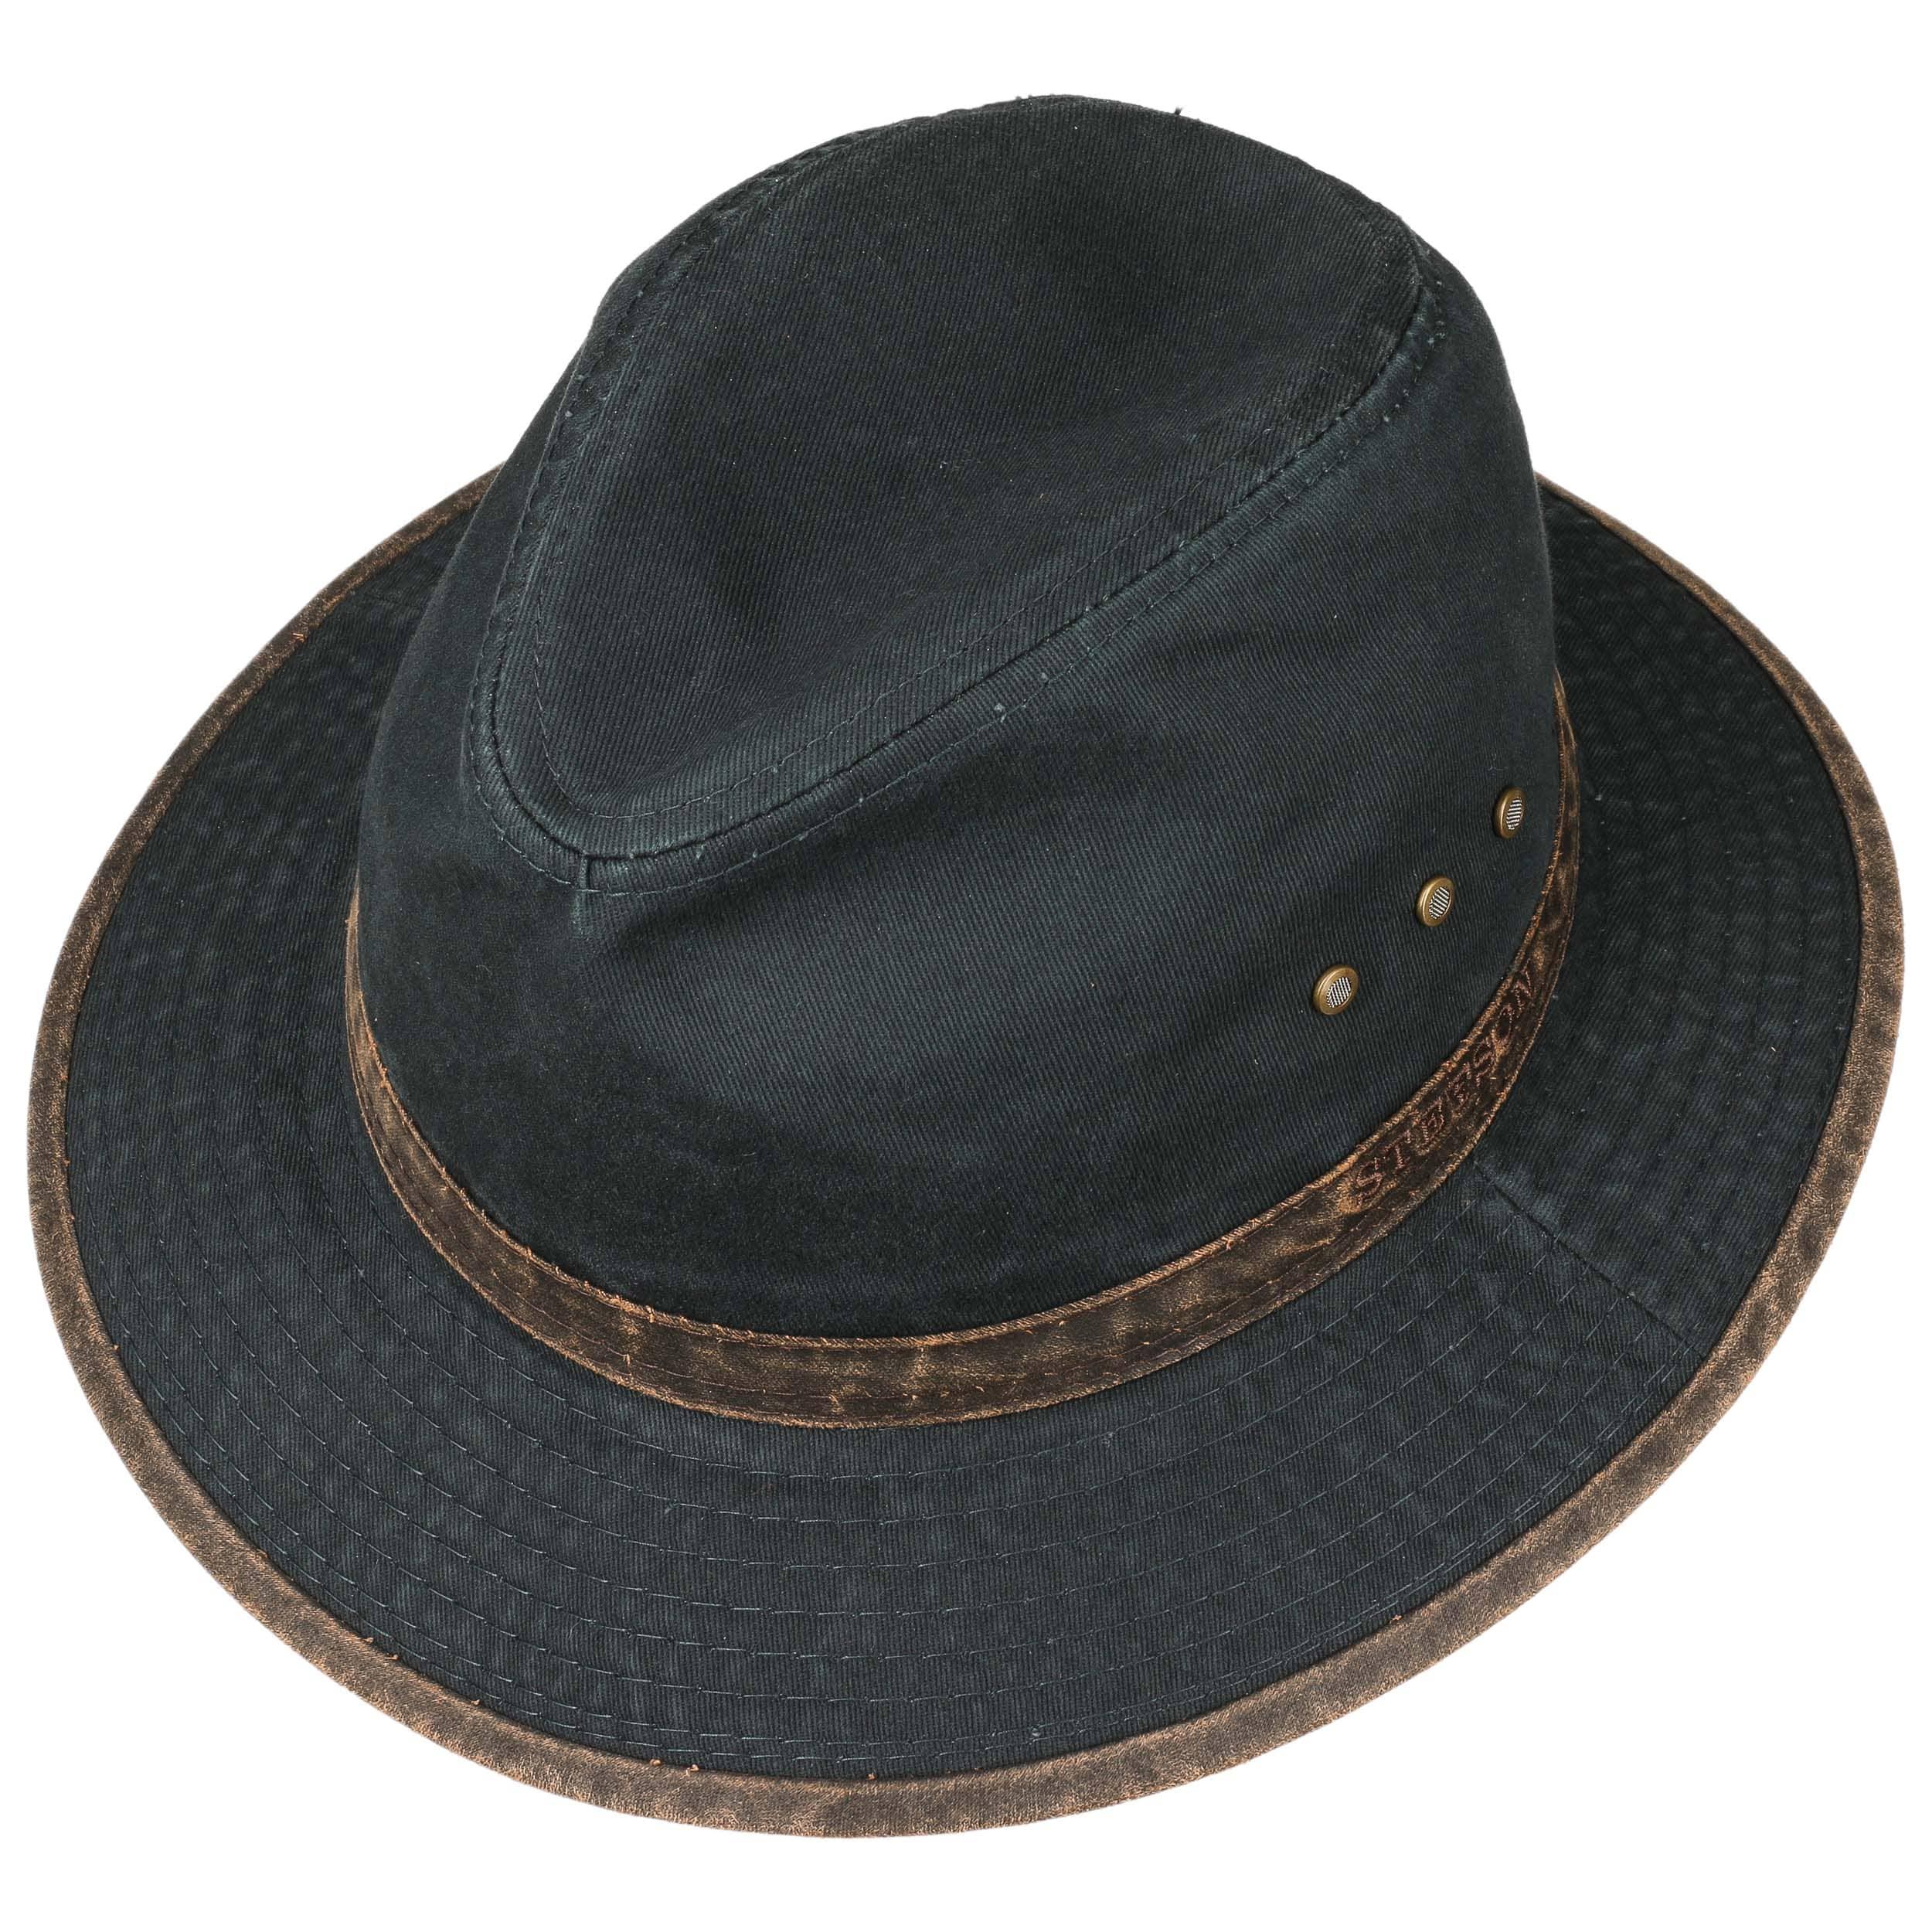 Sombrero de Algodón Ava by Stetson - negro 1 ... d0ef1437441